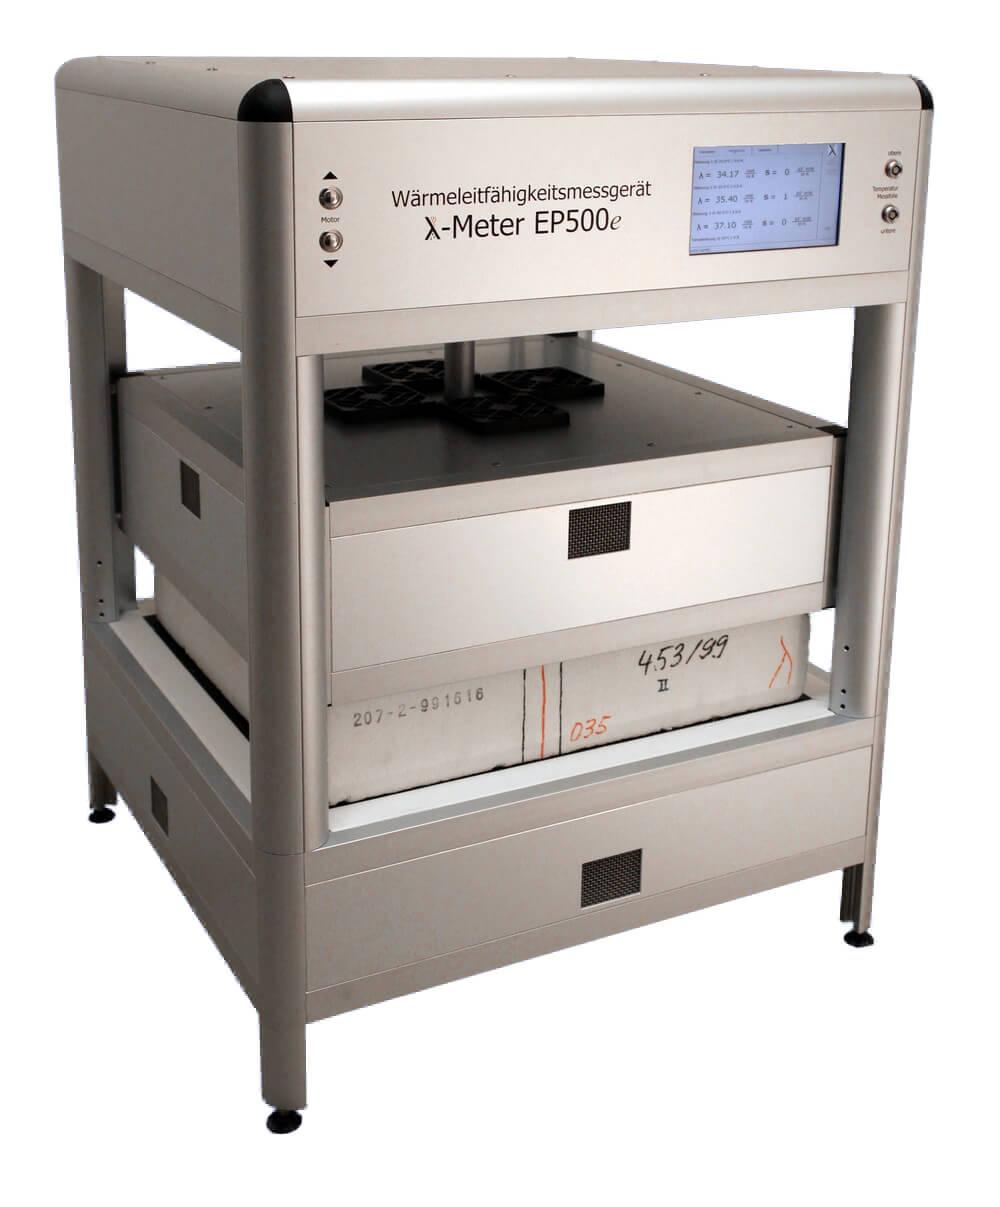 Прибор для измерения теплопроводности с горячей охранной зоной Lambda-Meter EP500е